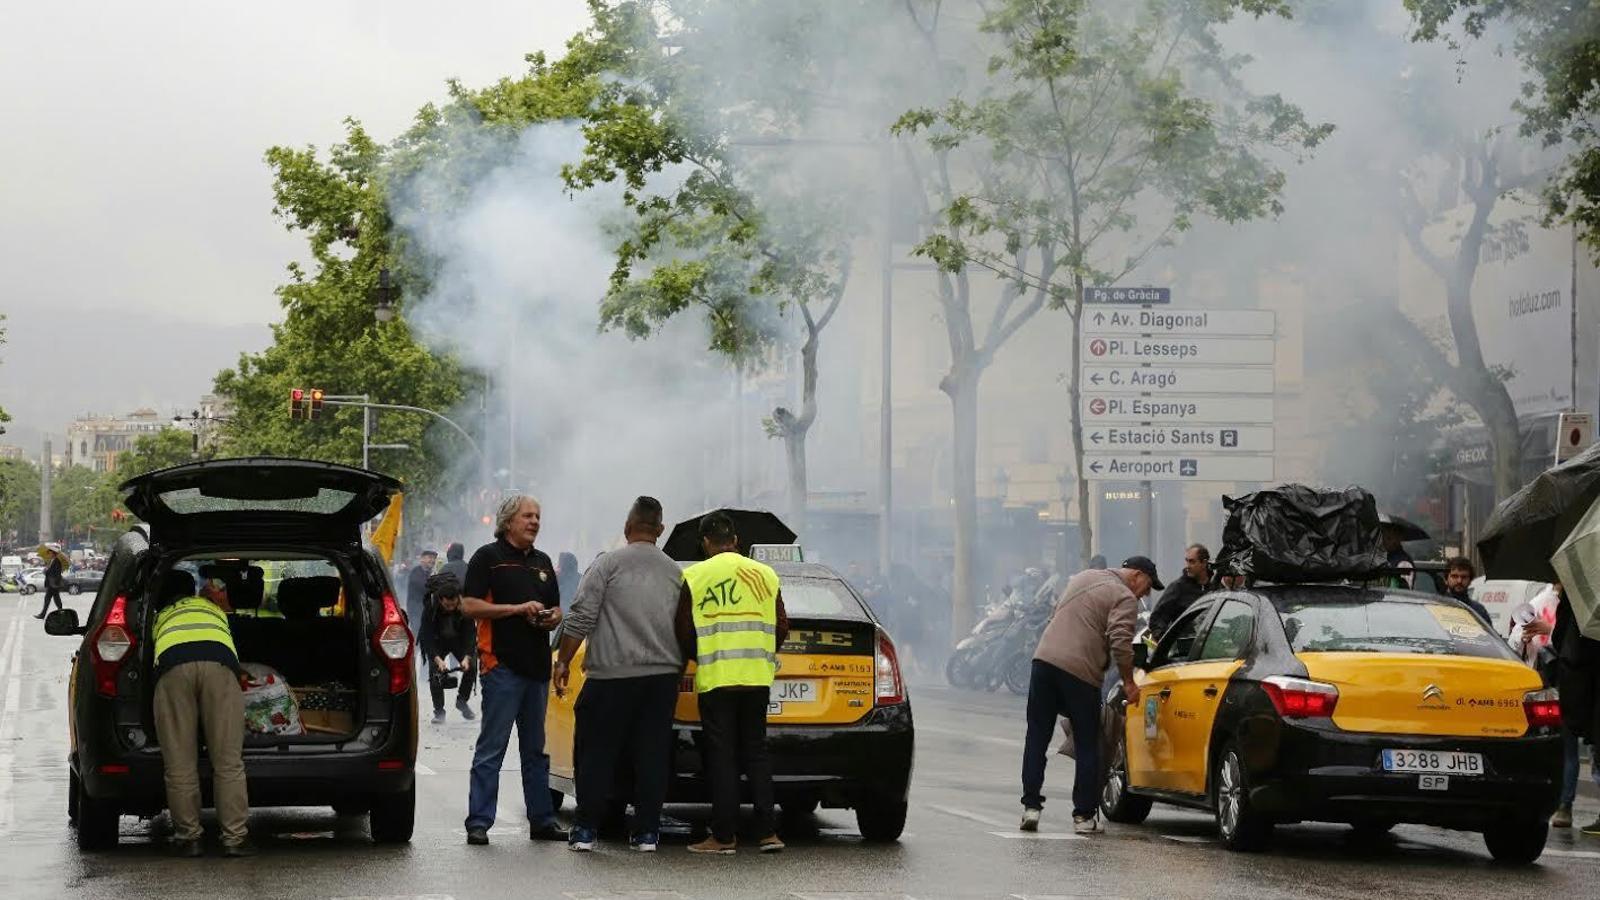 Seguiment majoritari de la vaga parcial de taxistes, segons els sindicats